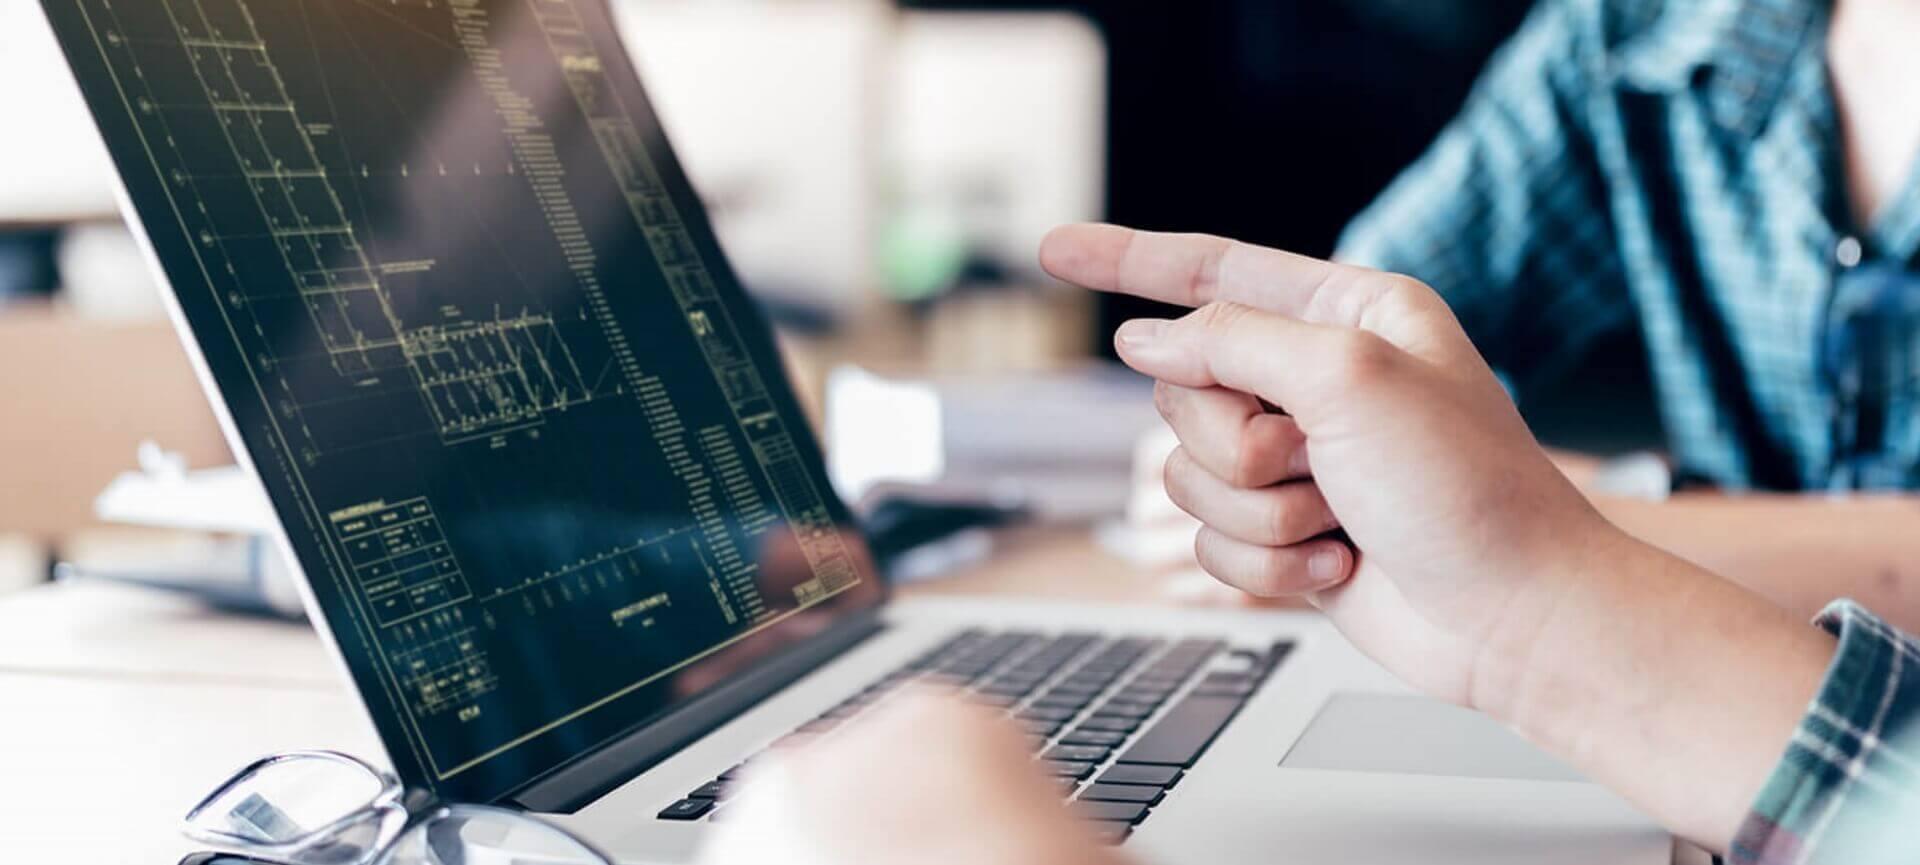 Werde Softwaretester - Jobs und Karriere bei der Digitalagentur igniti